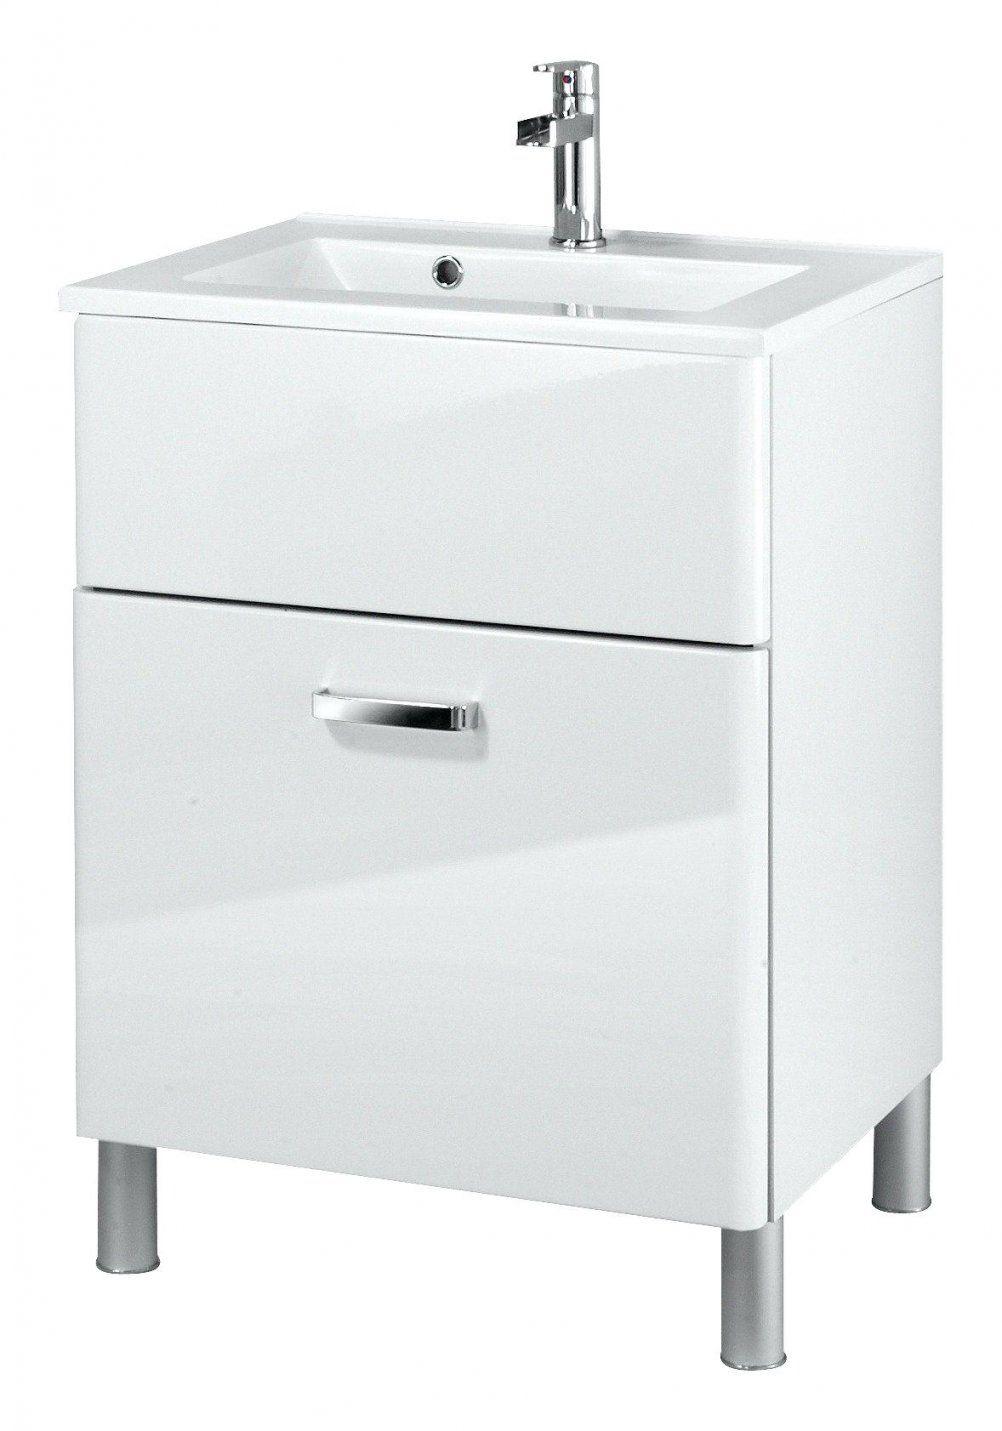 Waschbeckenschrank Mit Waschbecken Premium X Cm Godmorgon von Godmorgon Waschbeckenschrank Mit Anderen Waschbecken Bild